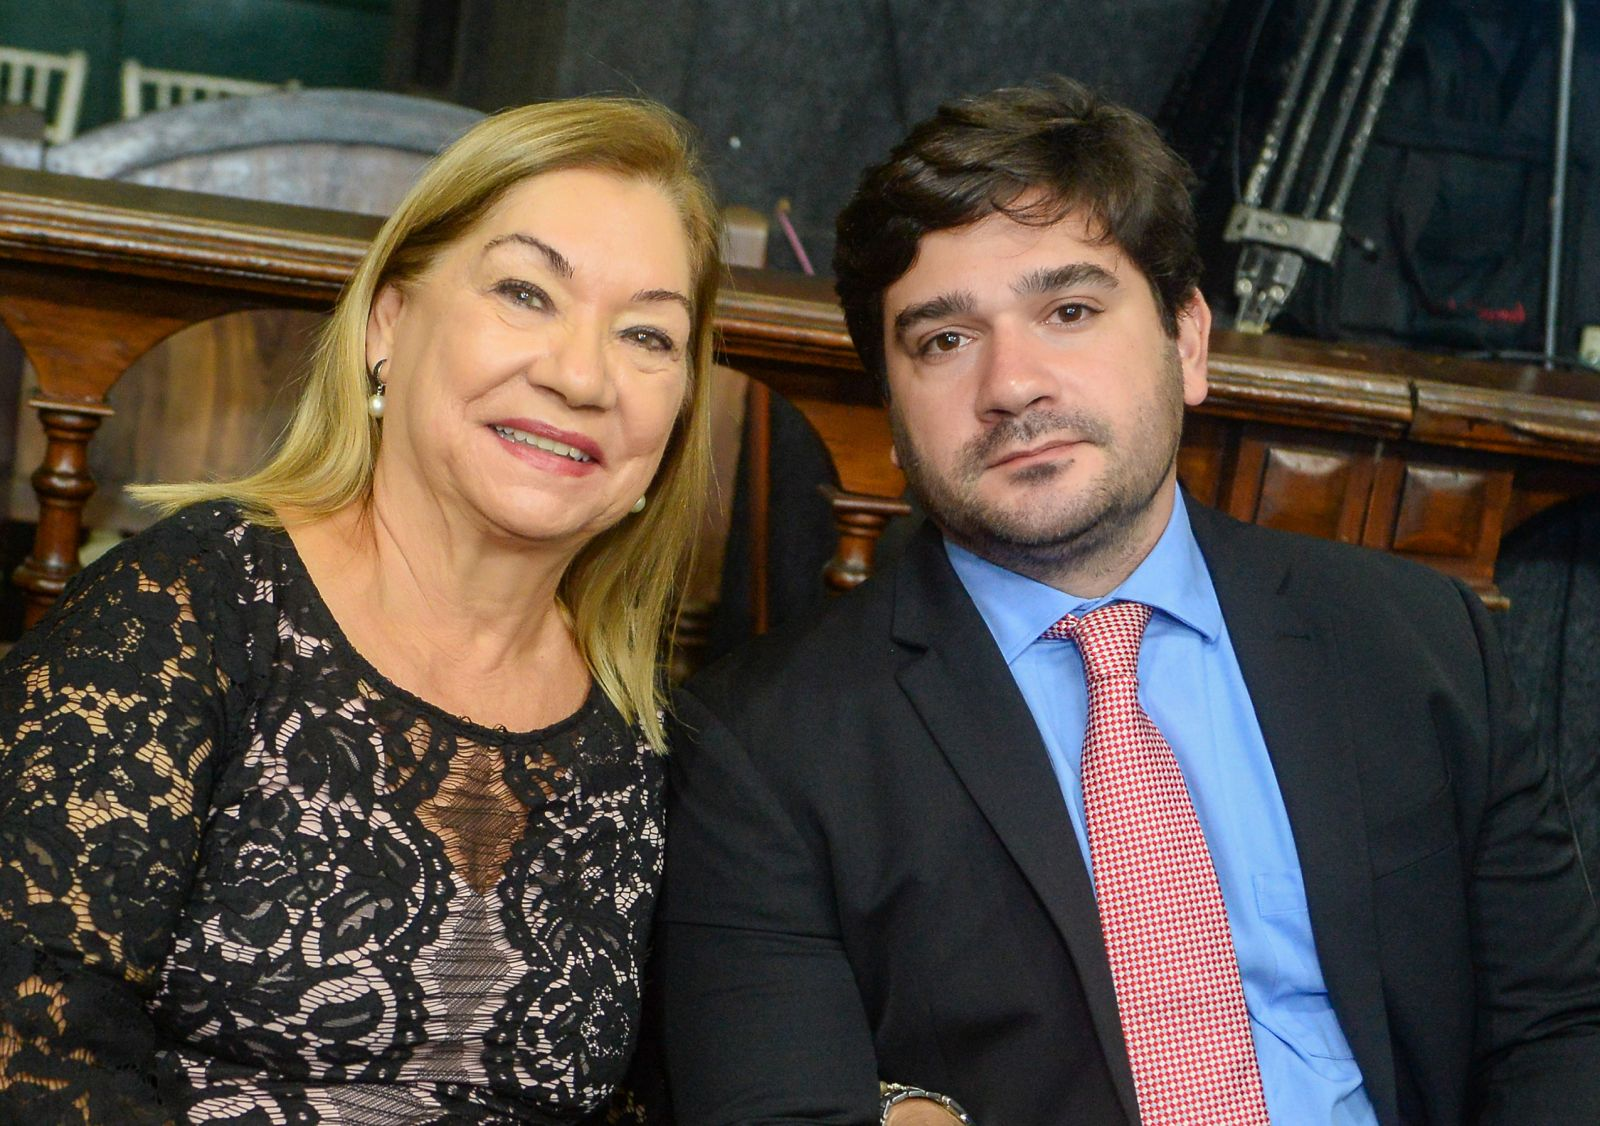 Benito Gama Filho com sua mãe Natal Gama o destaque político do dia 23 de outubro de 2019